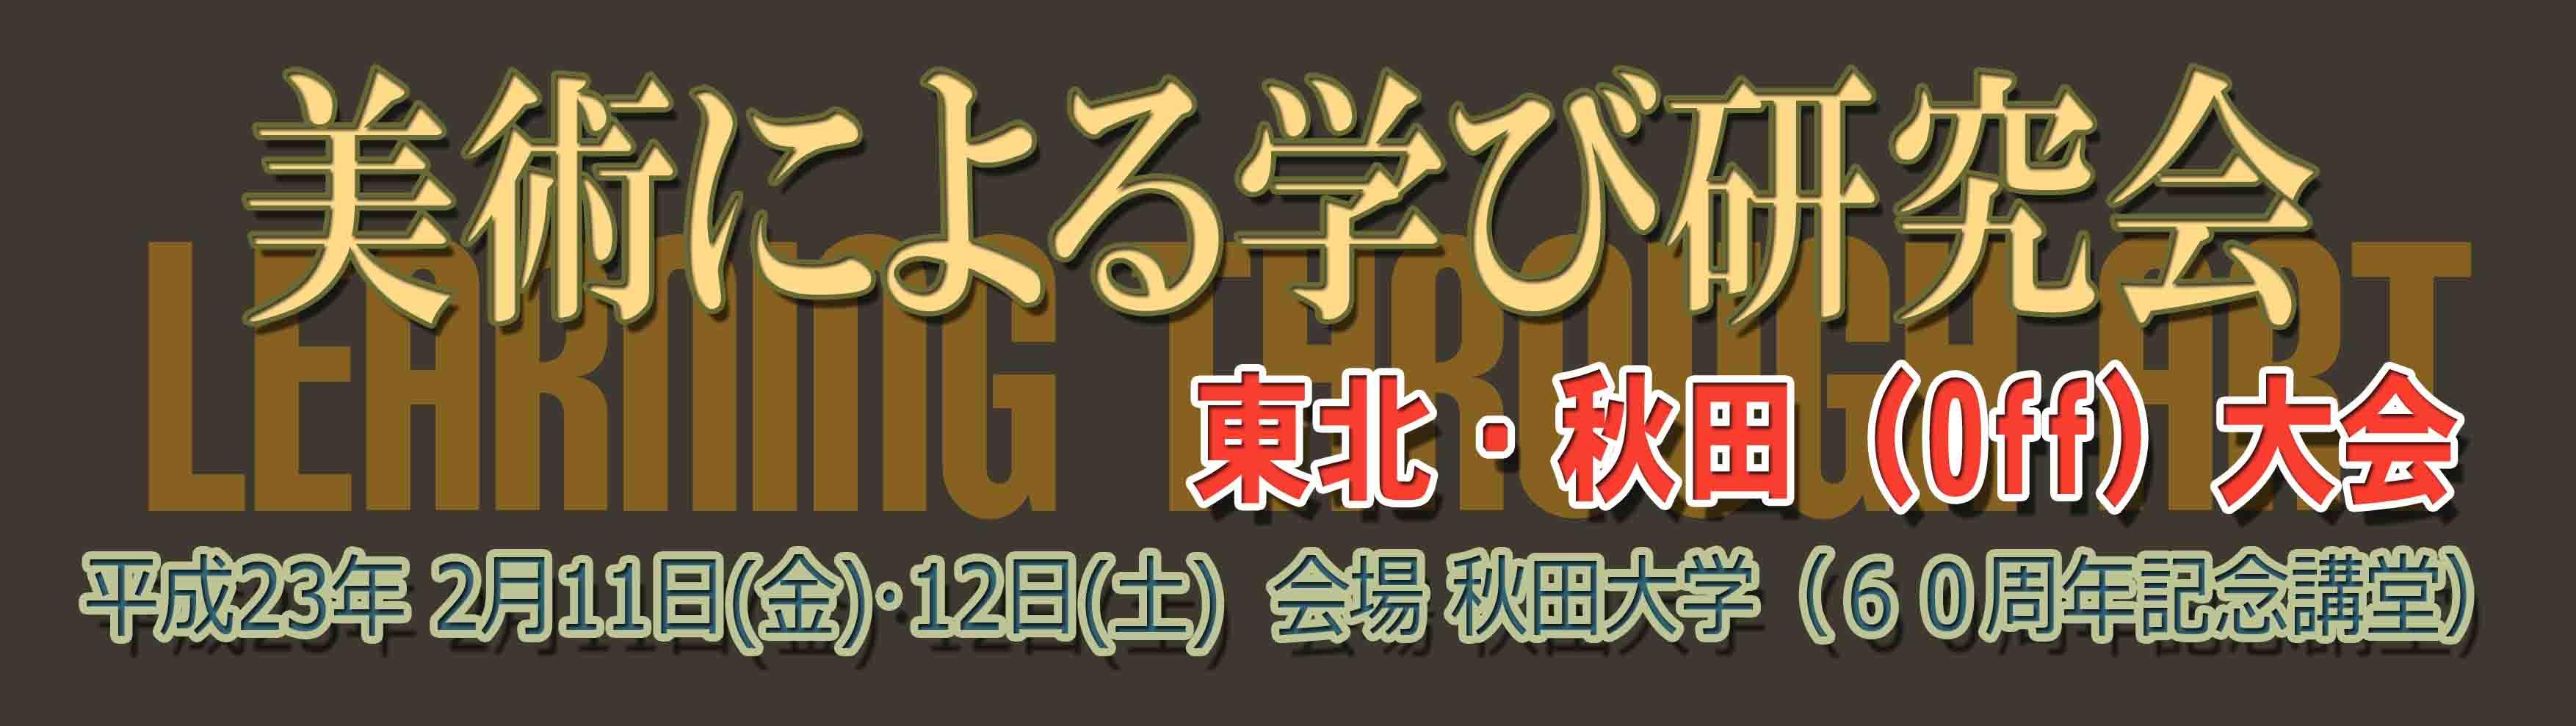 「美術による学び研究会」東北・秋田大会_c0225772_15223372.jpg